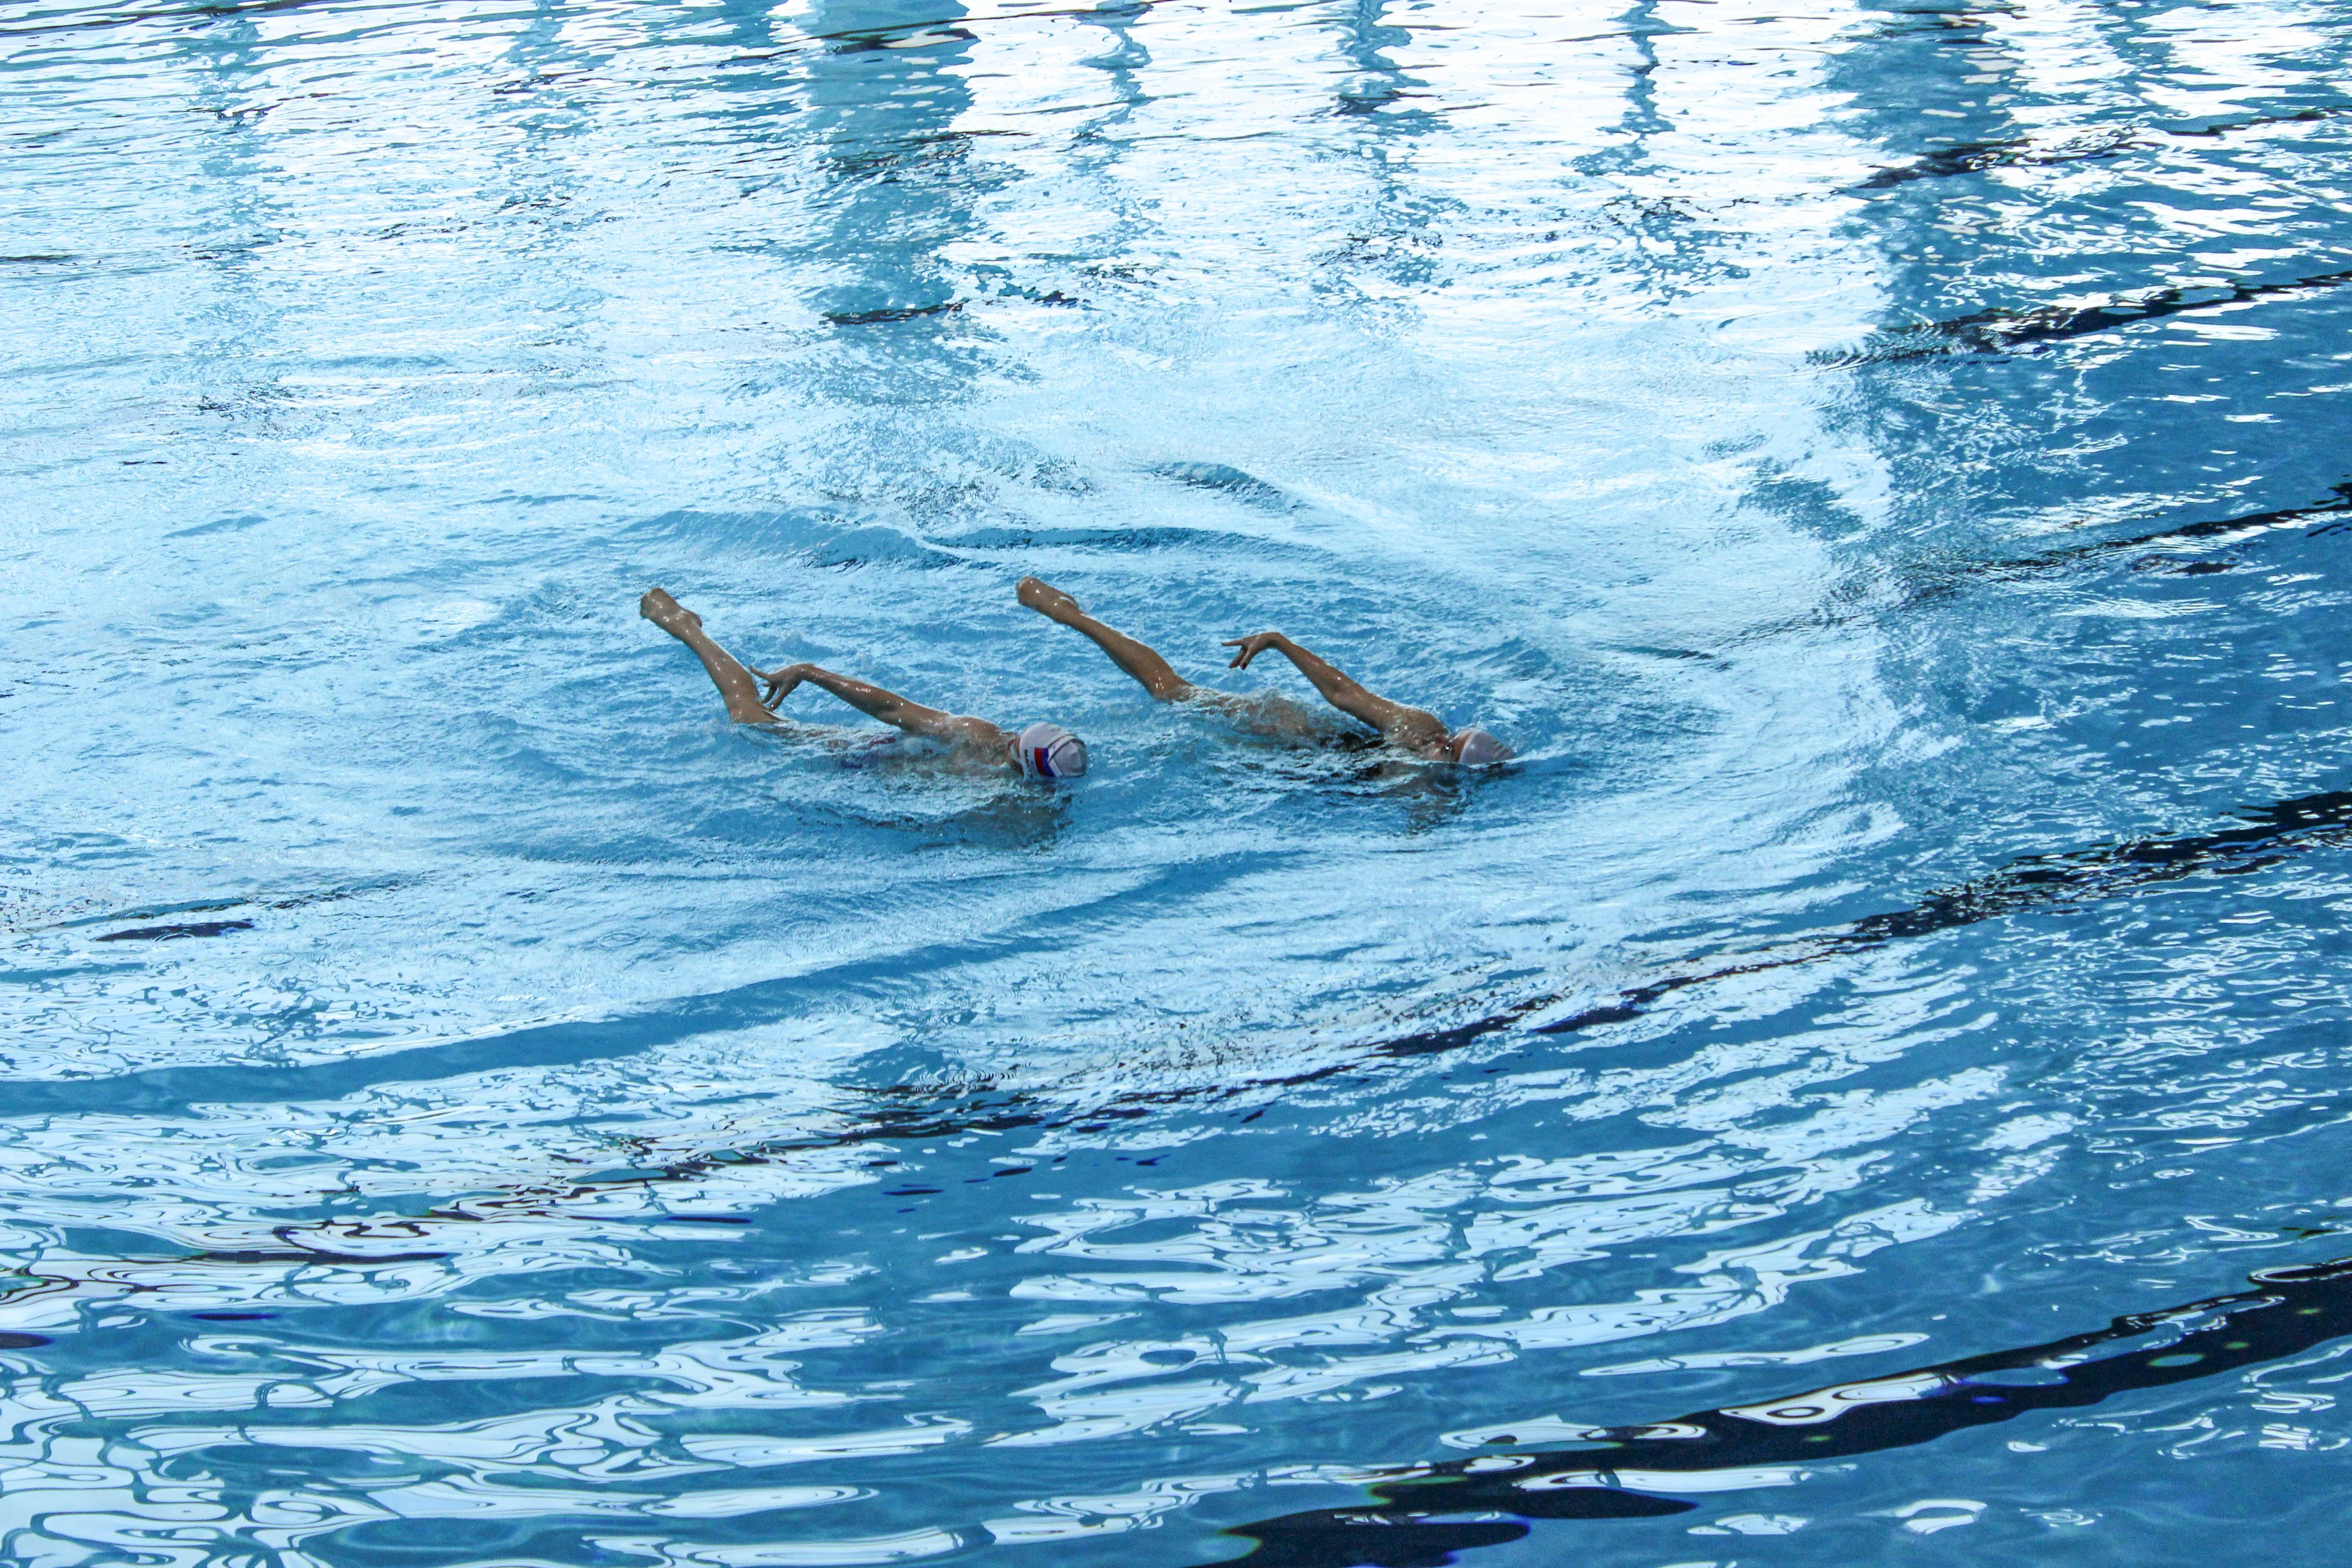 вязаный стихи тренеру по синхронному плаванию дорожные знаки для